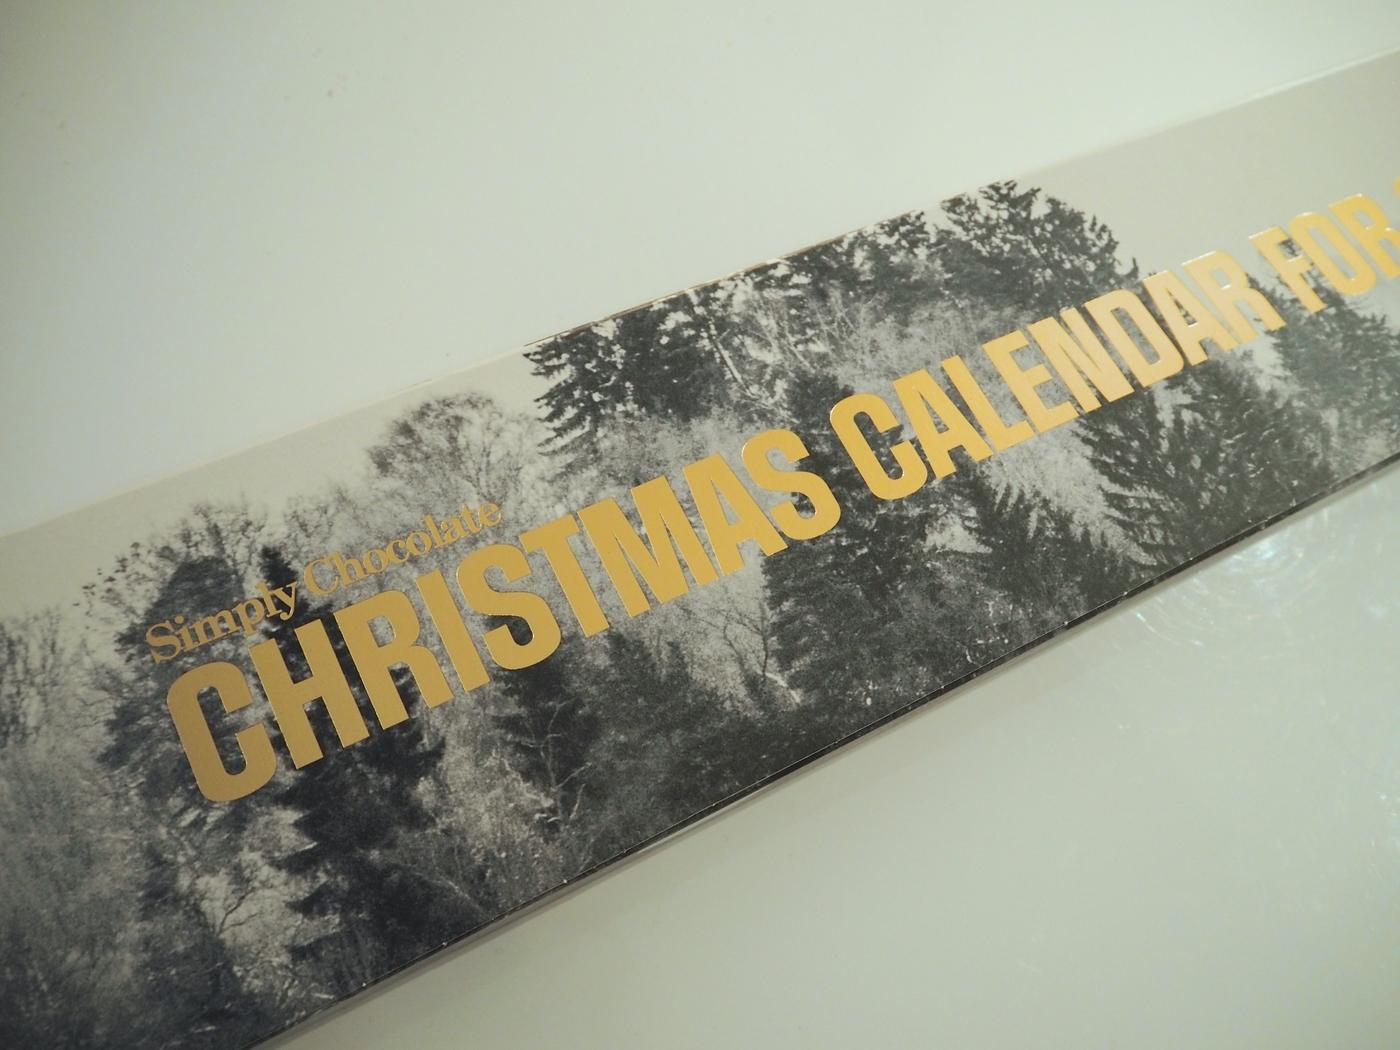 Joulukalentereiden aatelistoa